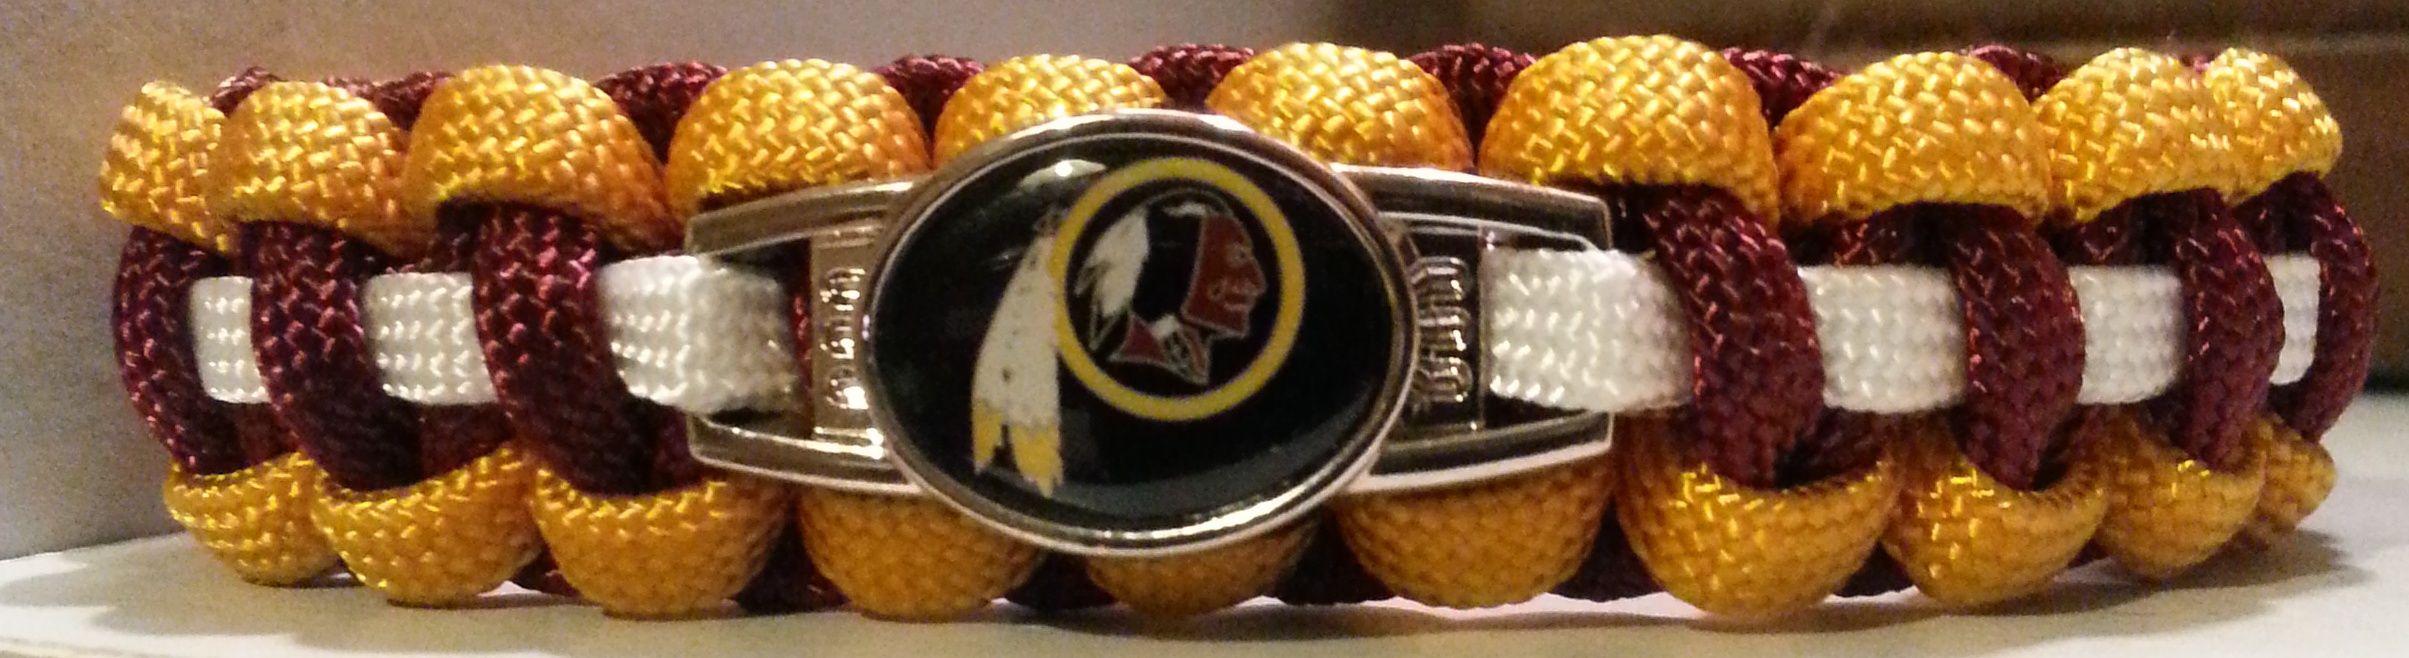 Washington Redskins Paracord Bracelet with Officially Licensed Charm  #Redskins #WashingtonRedskins #NFL